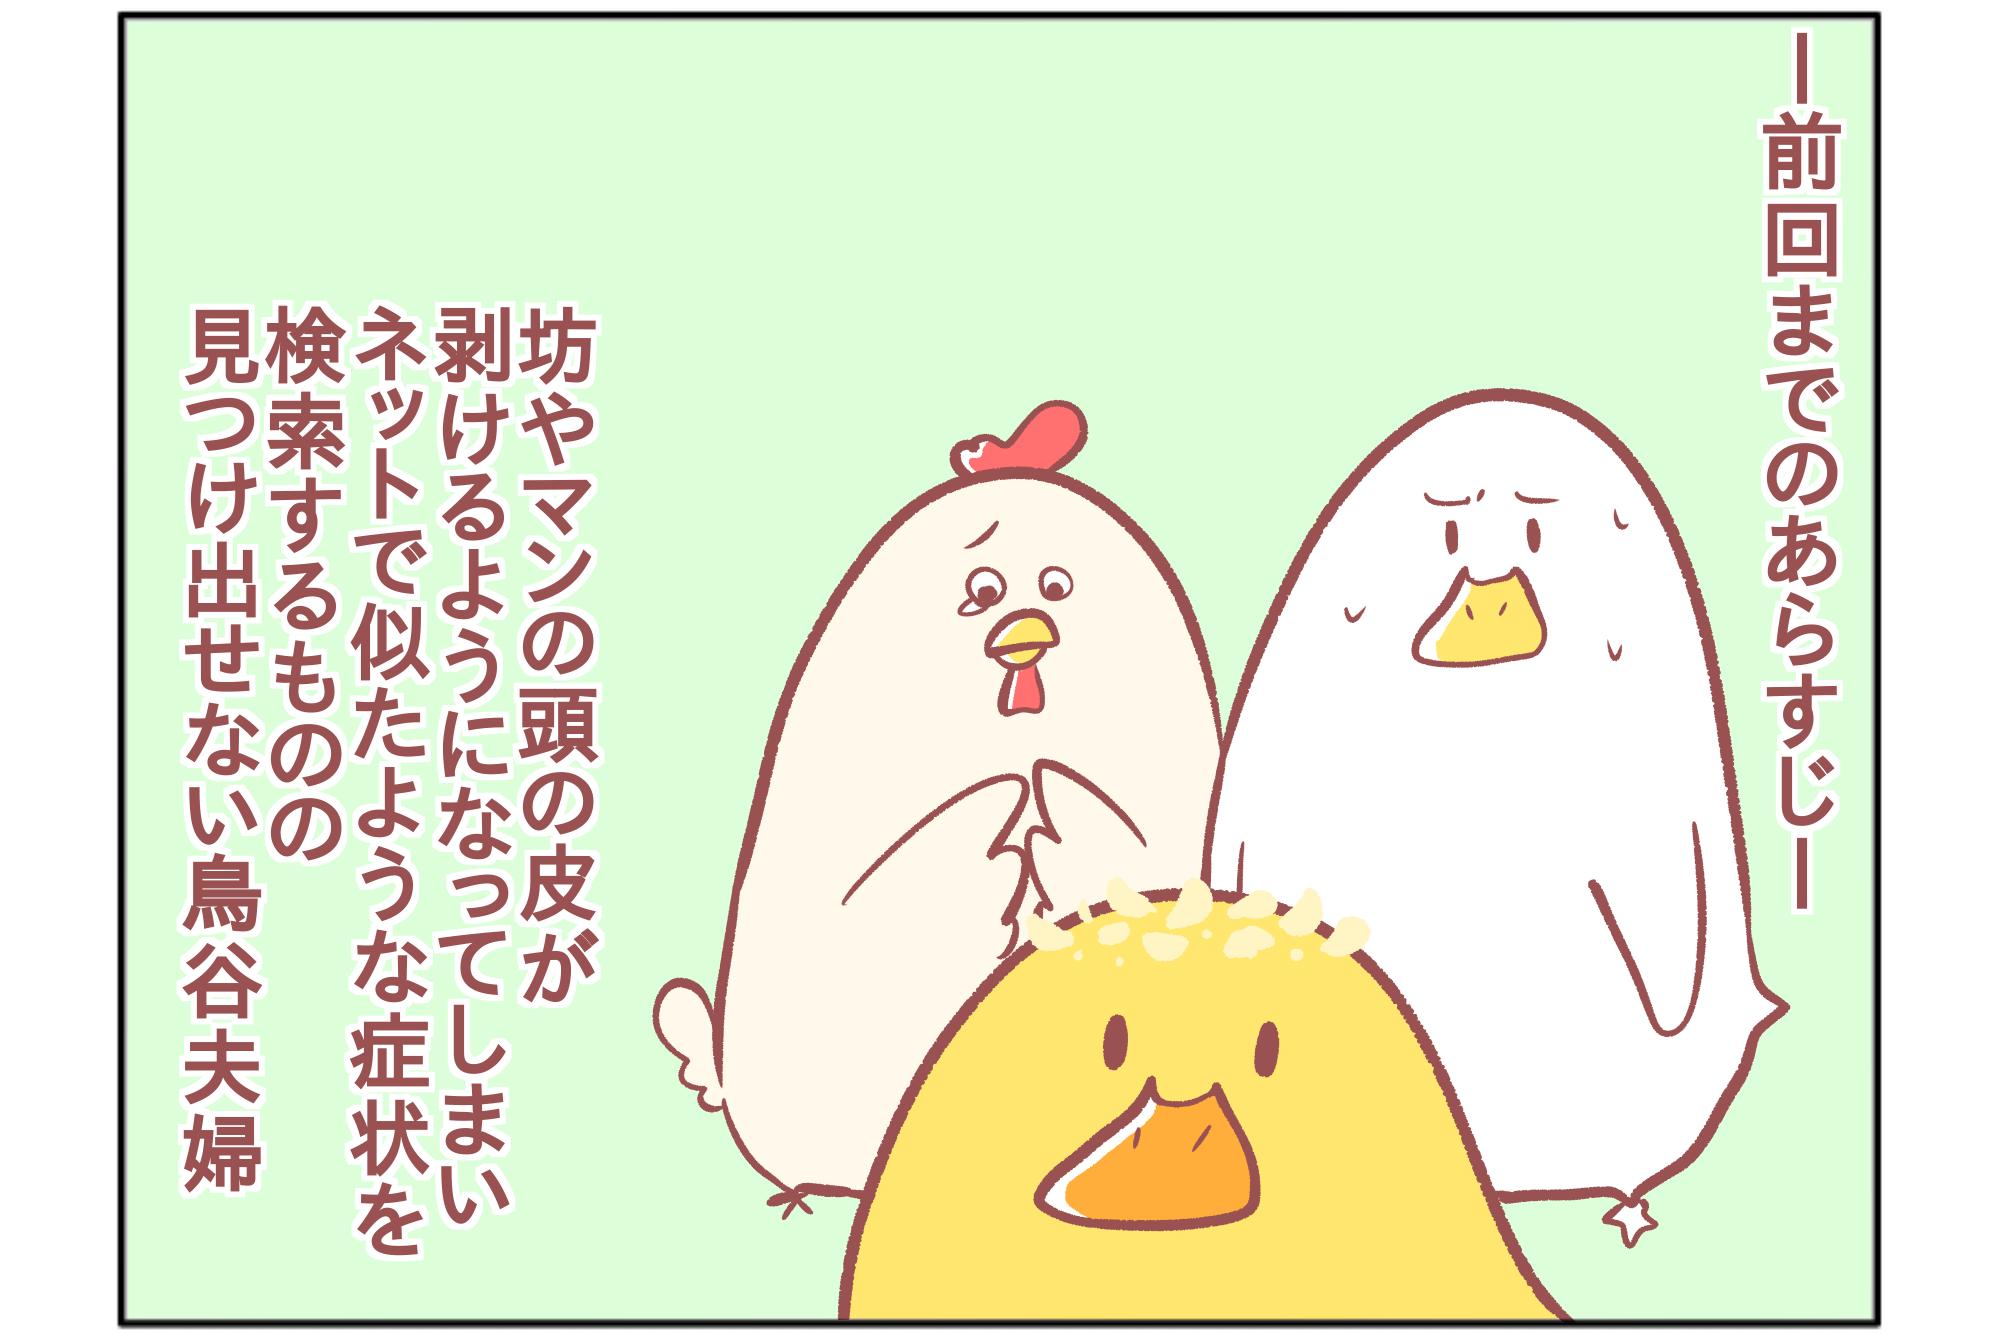 息子の頭皮に異変が…!(後編)|鳥谷丁子のオモテ育児・ウラ育児#18